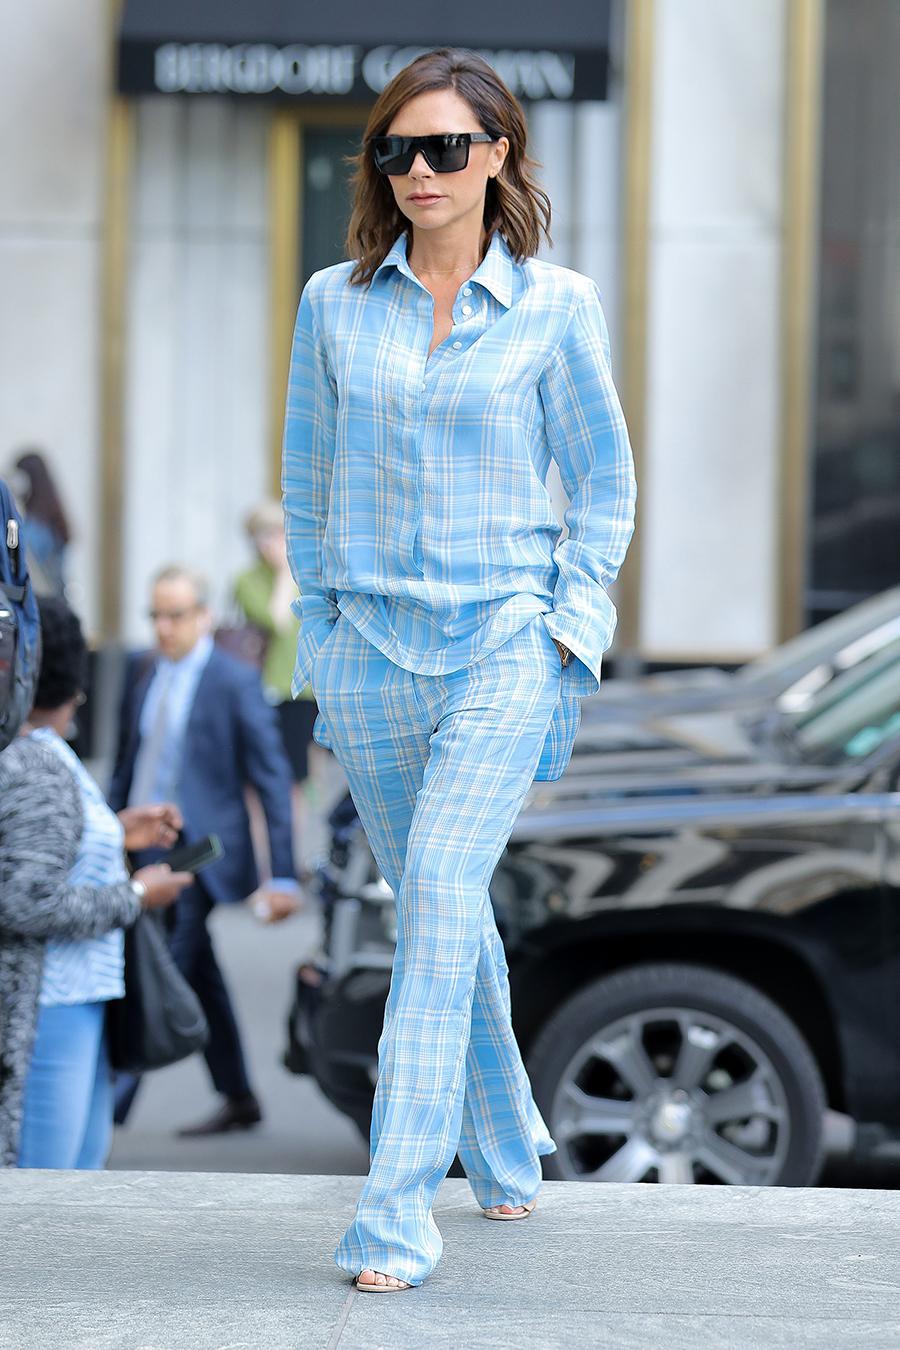 Victoria Beckham se atreve a usar un look pijamero de dos piezas azul con cuadros y tela de franela. Su peinado es natural corto y viste unos lentes de sol que la hacen lucir chic.